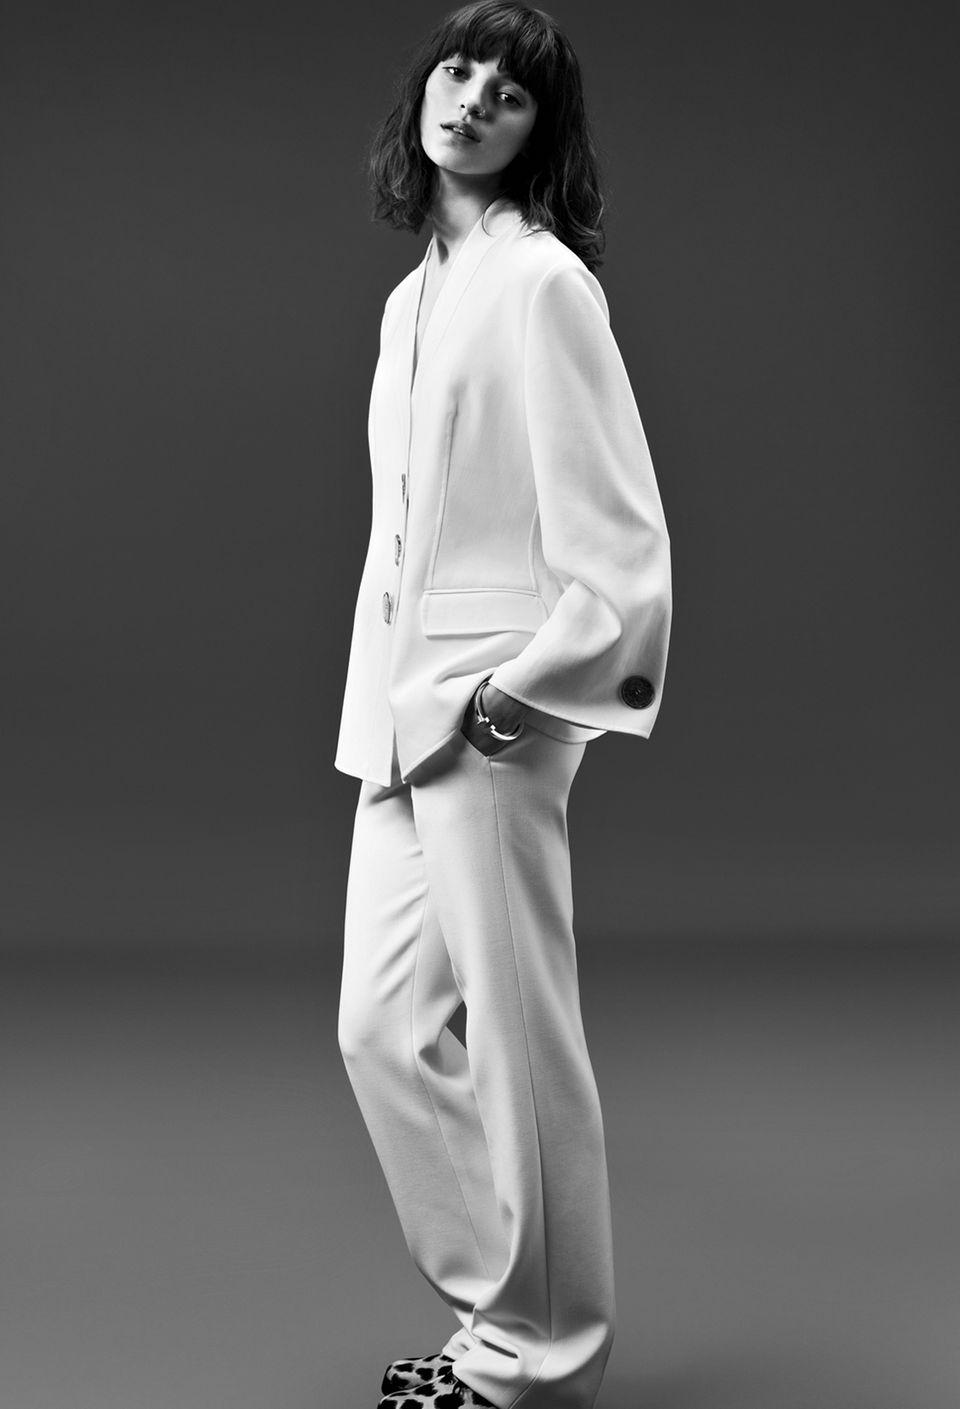 Anzüge  Hosenanzüge verlieren ihre Strenge durch weite Schnitte und weich fallende Stoffe. Zu diesem Anzug gehört ein kragenloser Cardigan mit ausgestellten Ärmeln und eine lässige Hose. Dazu Leo-Schuhe. Alles von Giorgio Armani. Armreif von Tiffany & Co.